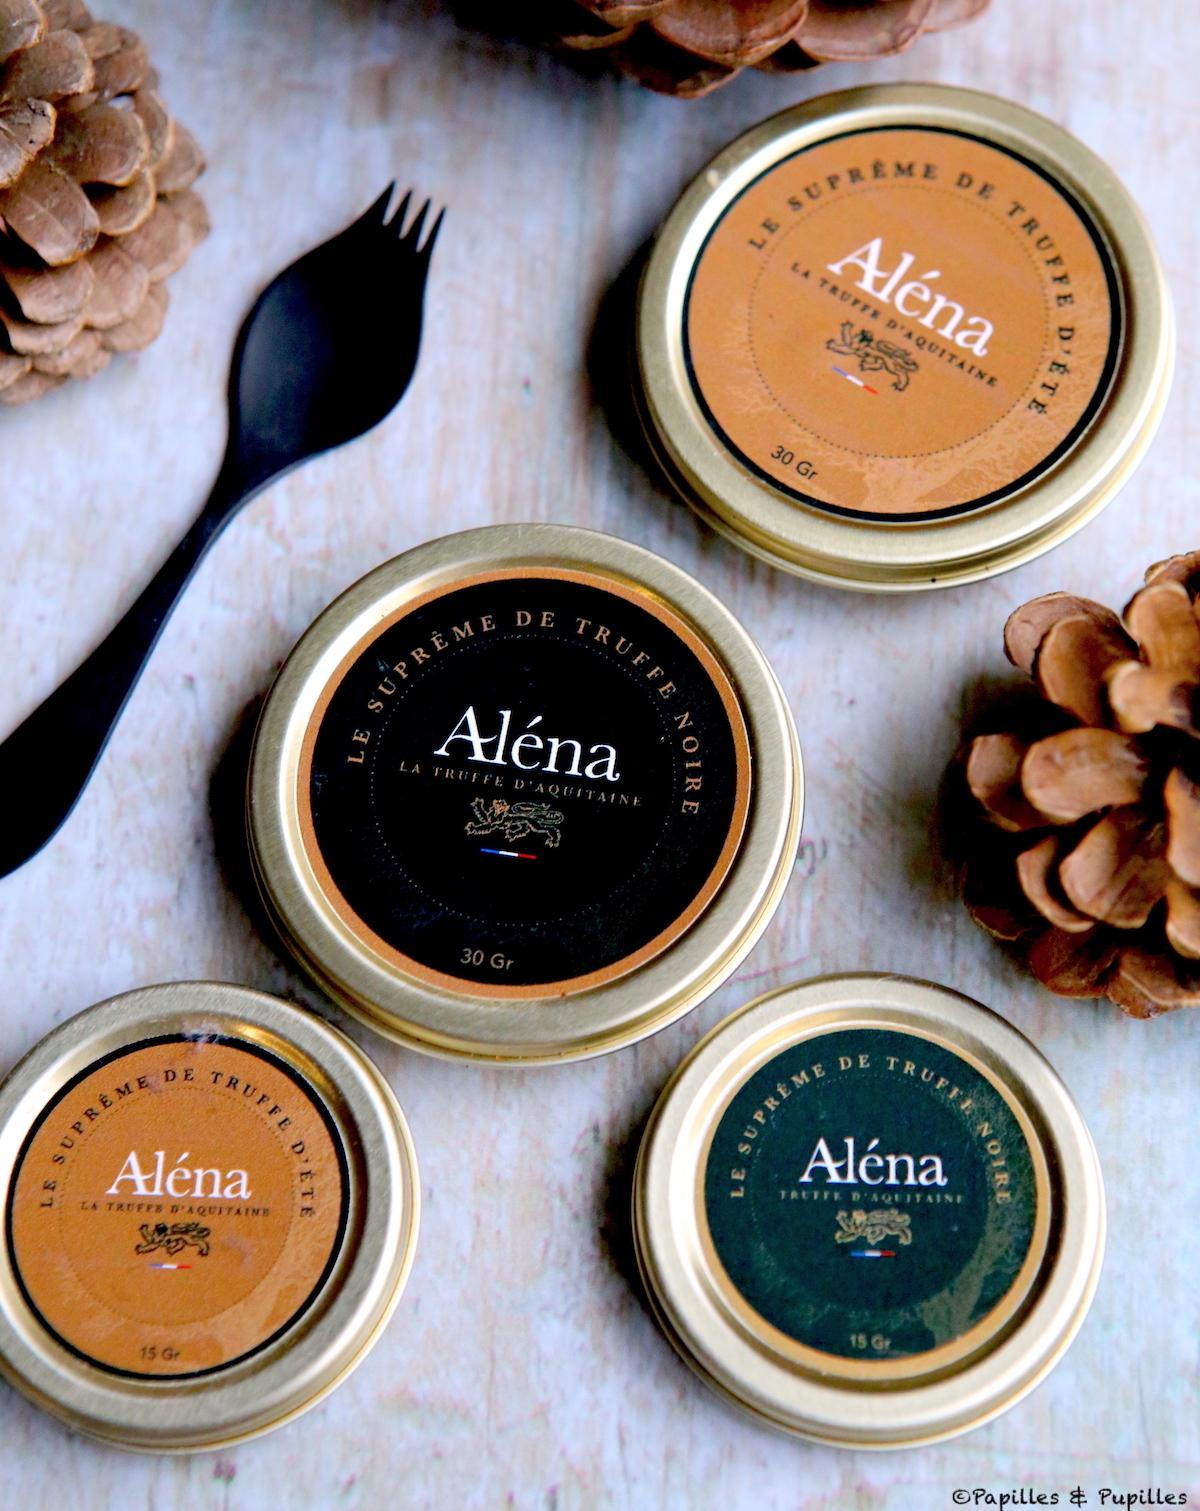 Suprême de truffe d'été et de truffe d'hiver Alena